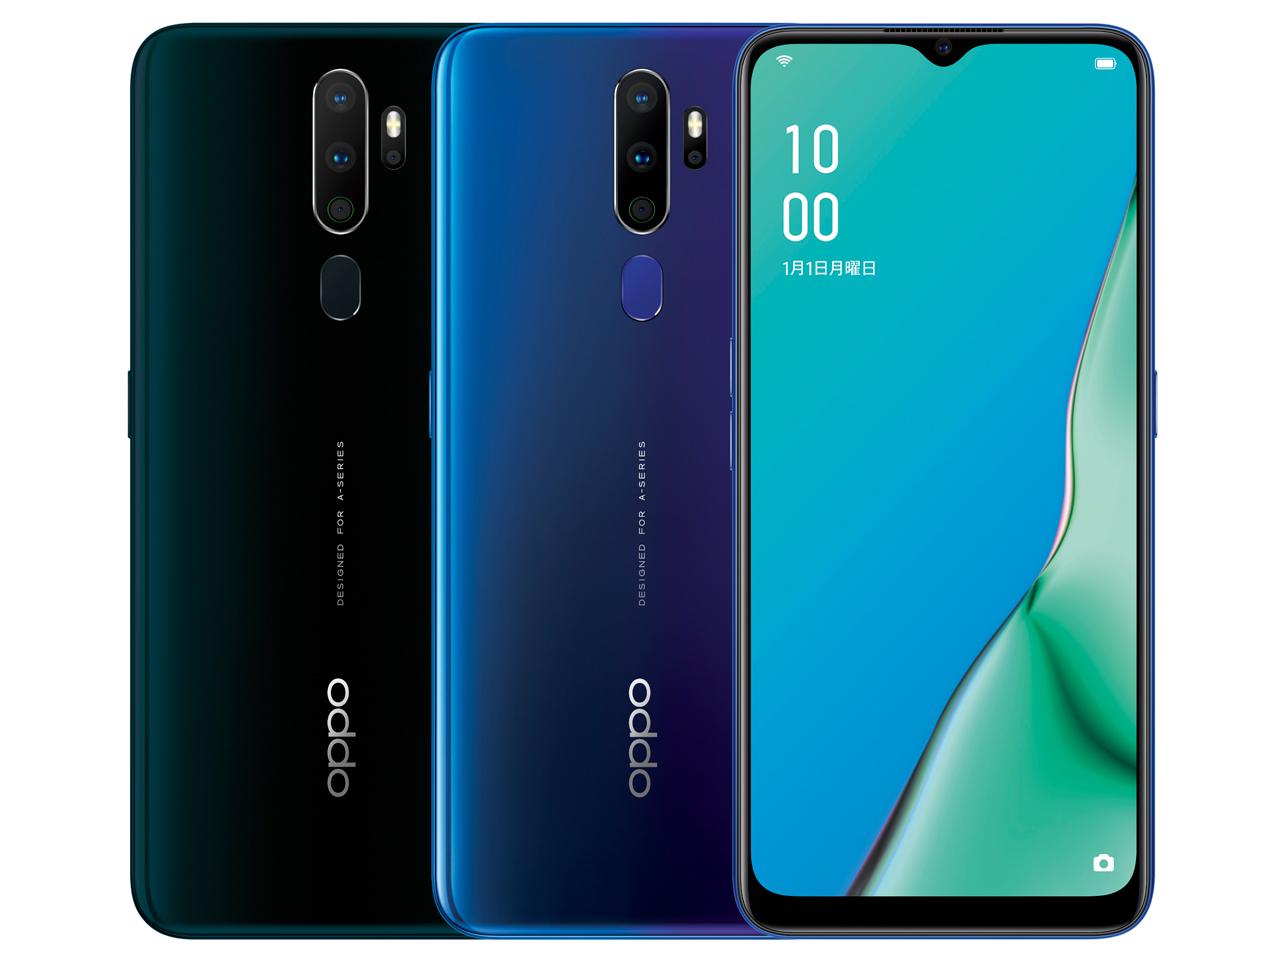 楽天スーパーDEALでOPPO A5 2020が28800円、ポイント40%で回線抱き合わせなし。6.5インチ/SD665/4GB/64GB/ColorOS6.0/5,000mAh/指紋・顔認証。